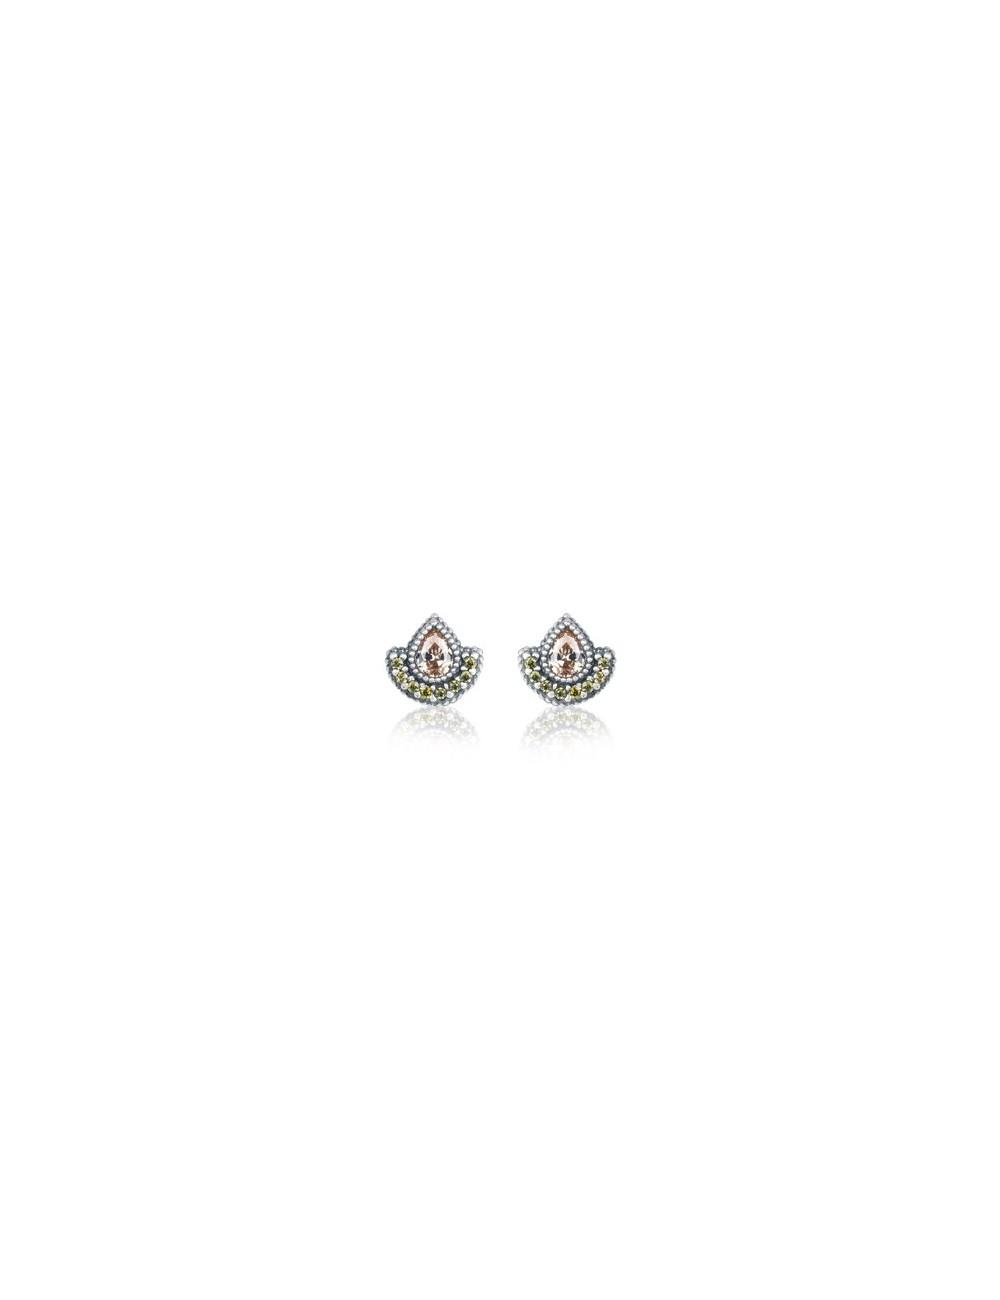 Sunfield -Pendientes Sunfield plata y circonitas -PE062493